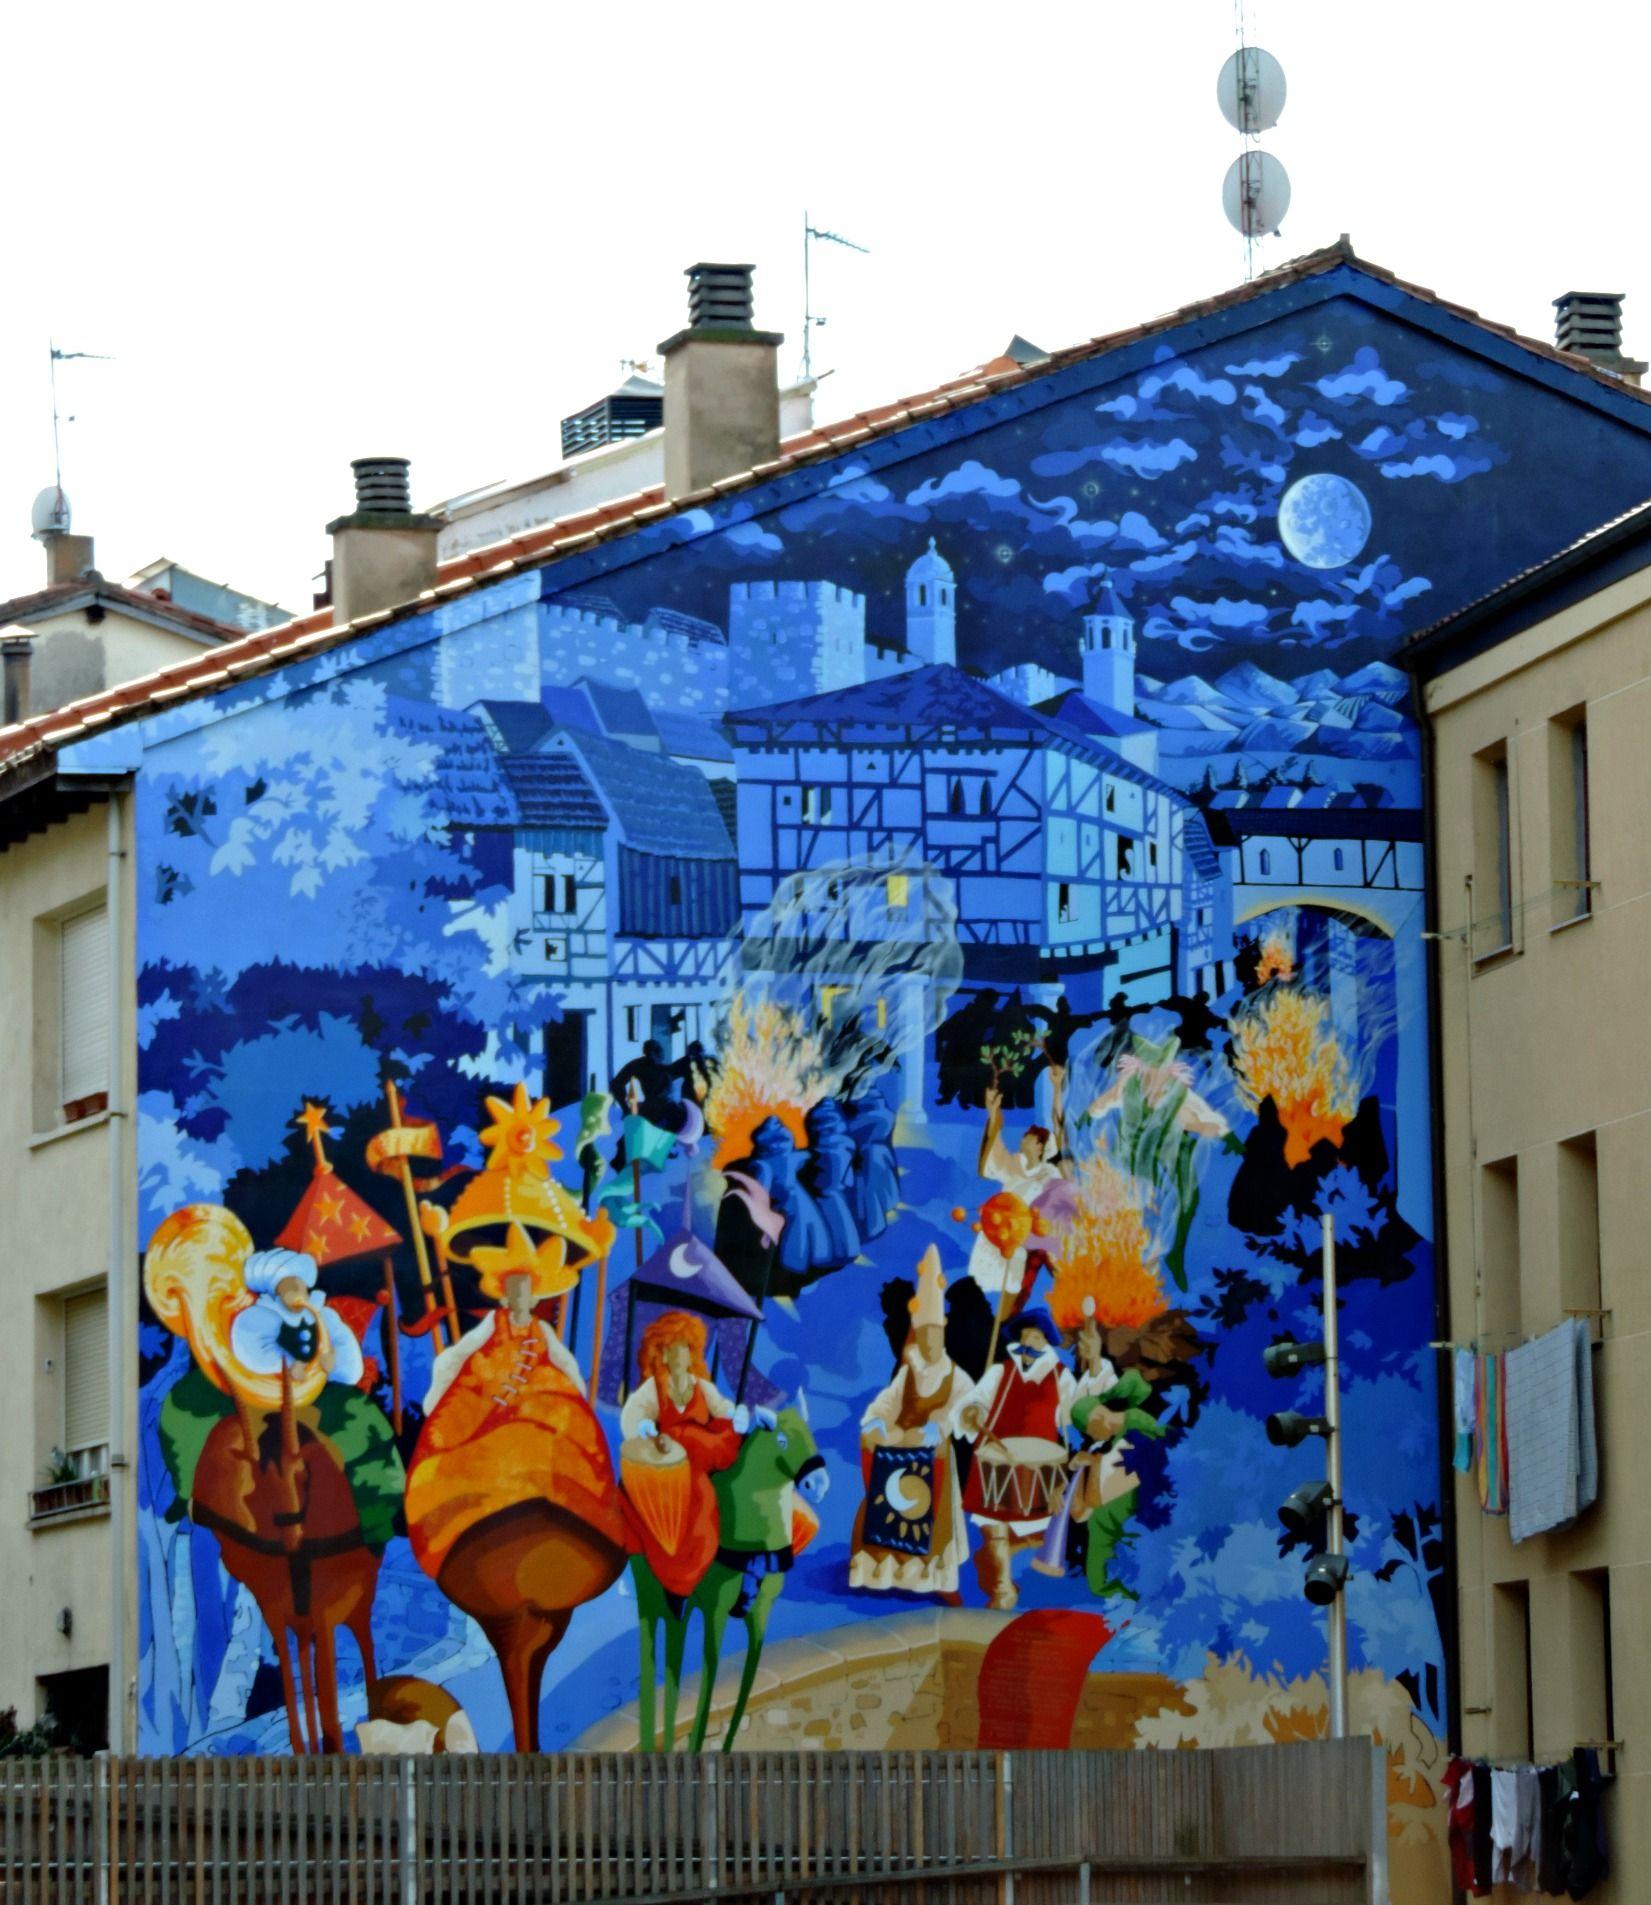 La noche mas corta. Vitoria-Gasteiz | Arte urbano, Graffitis, Arte con arena